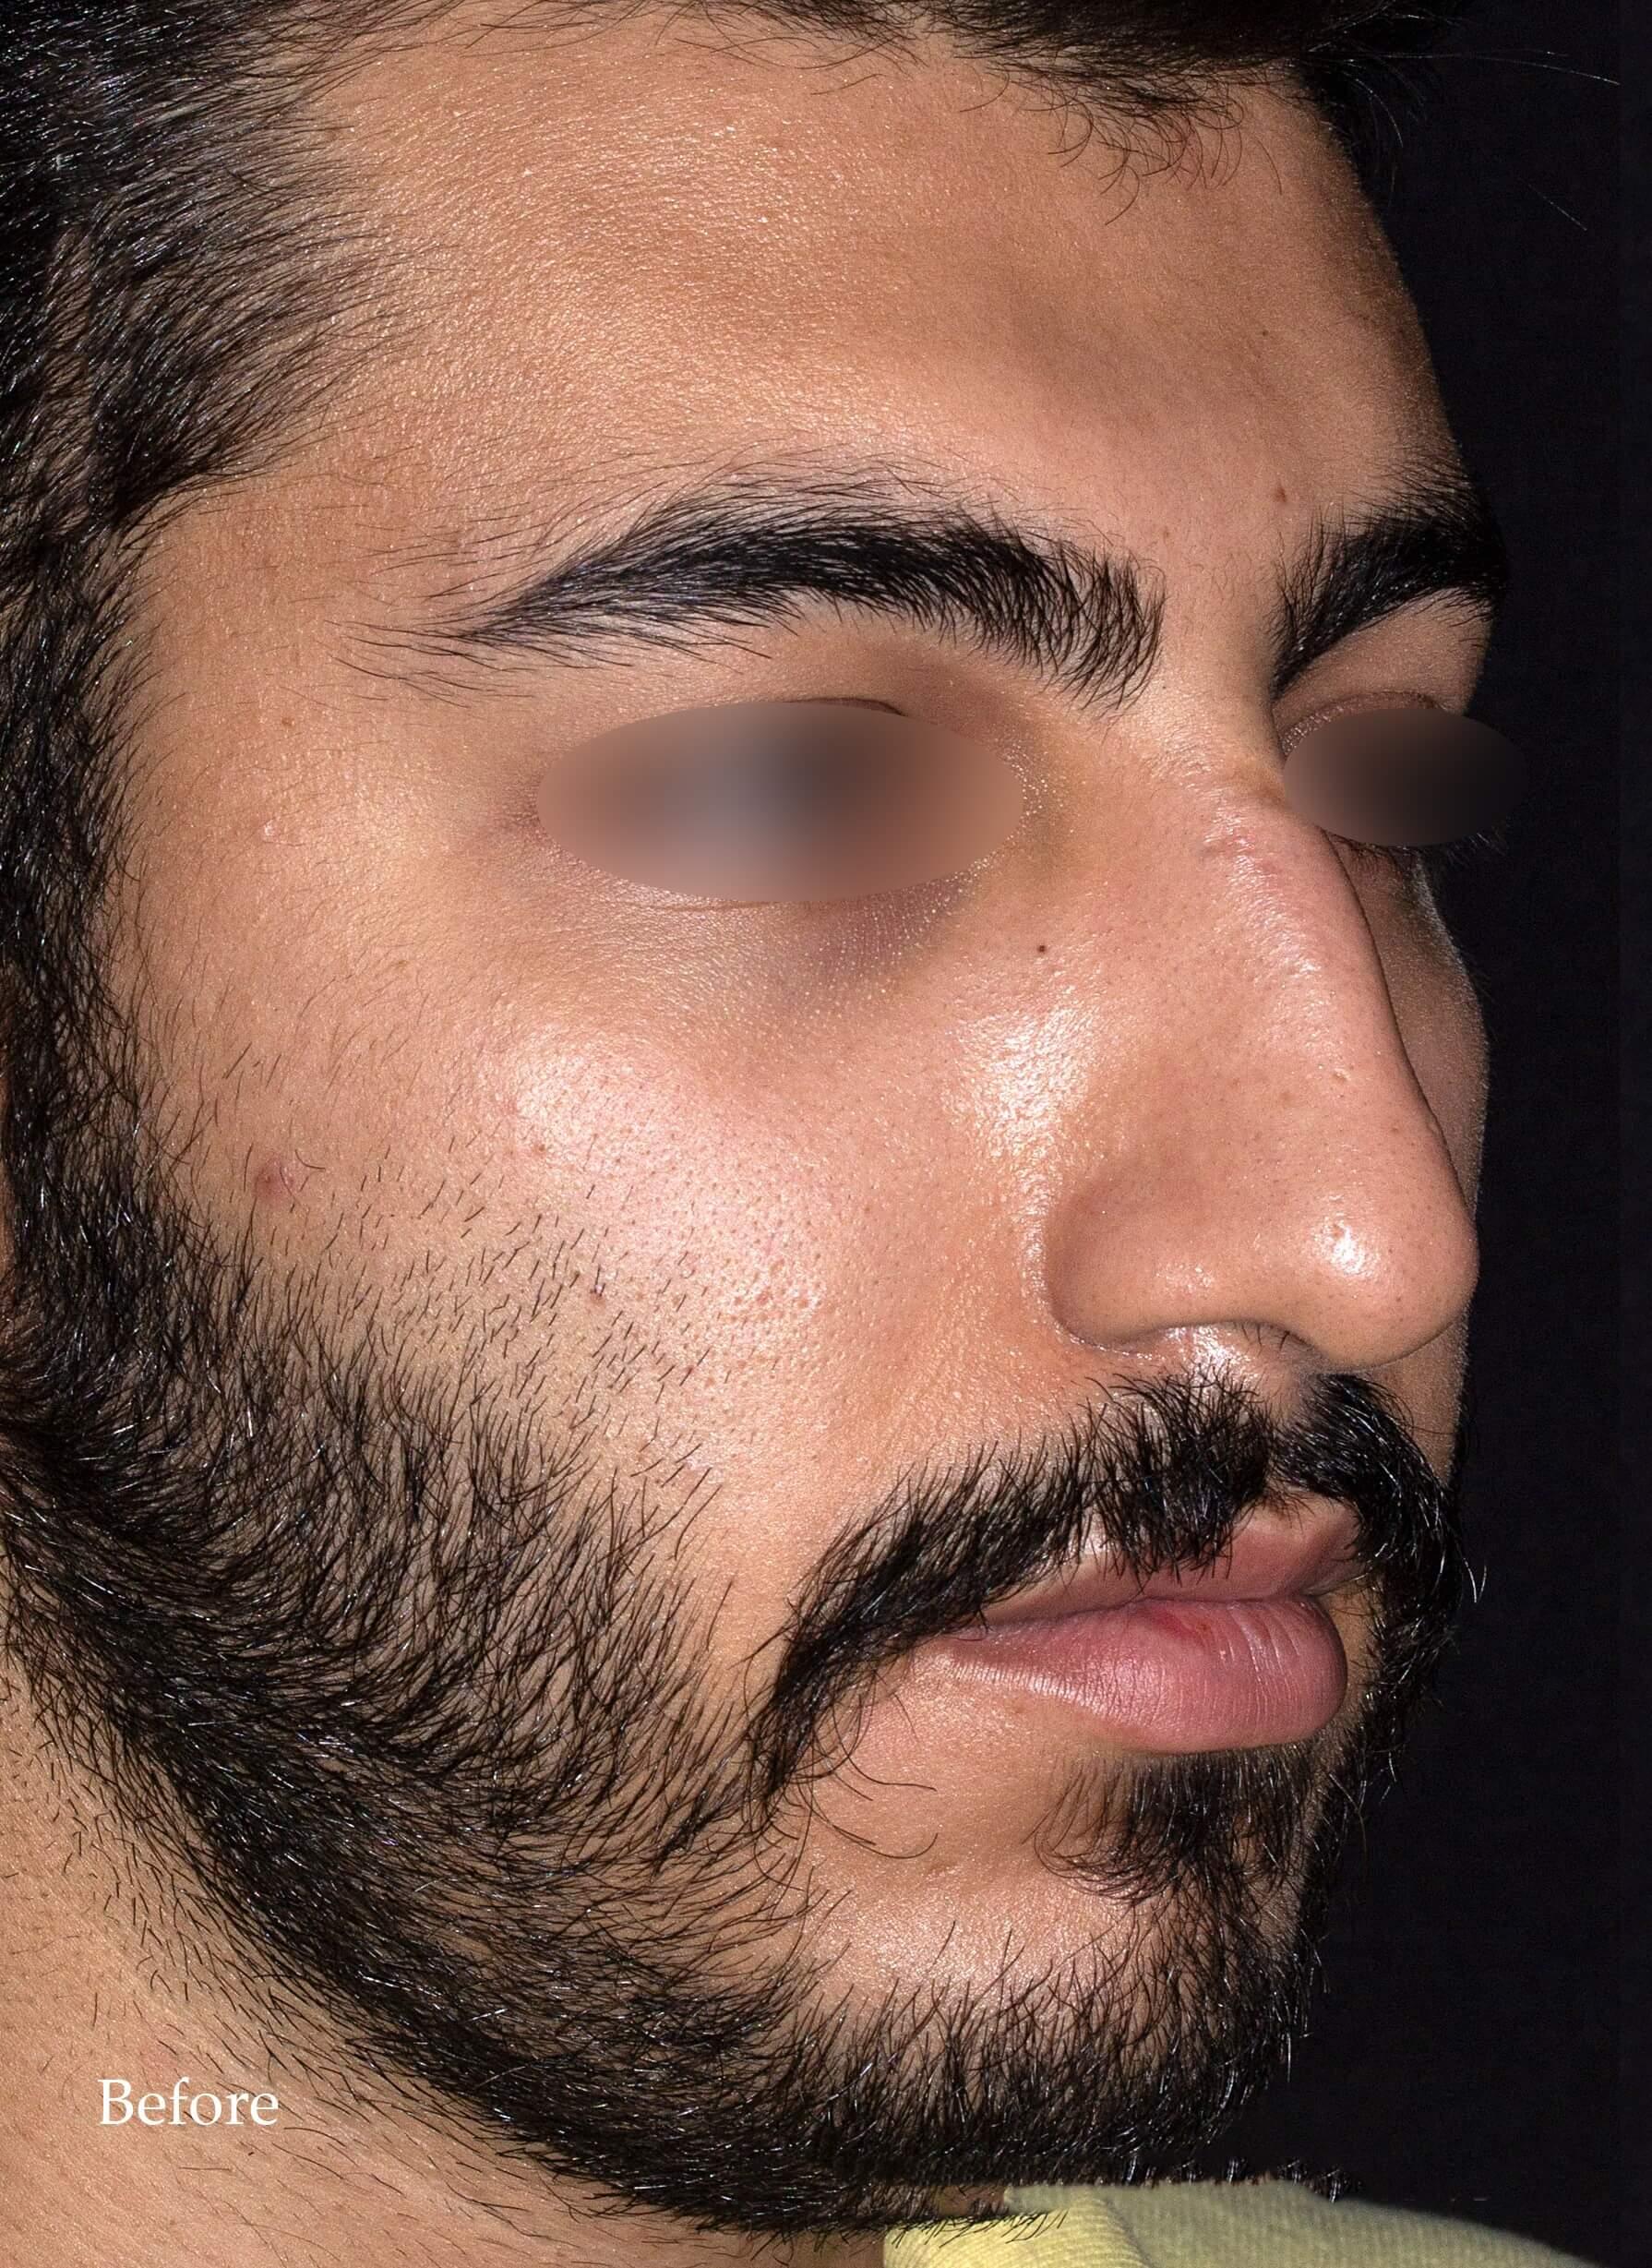 before-rhinoplasty-dr-shahriyar-yahyavi